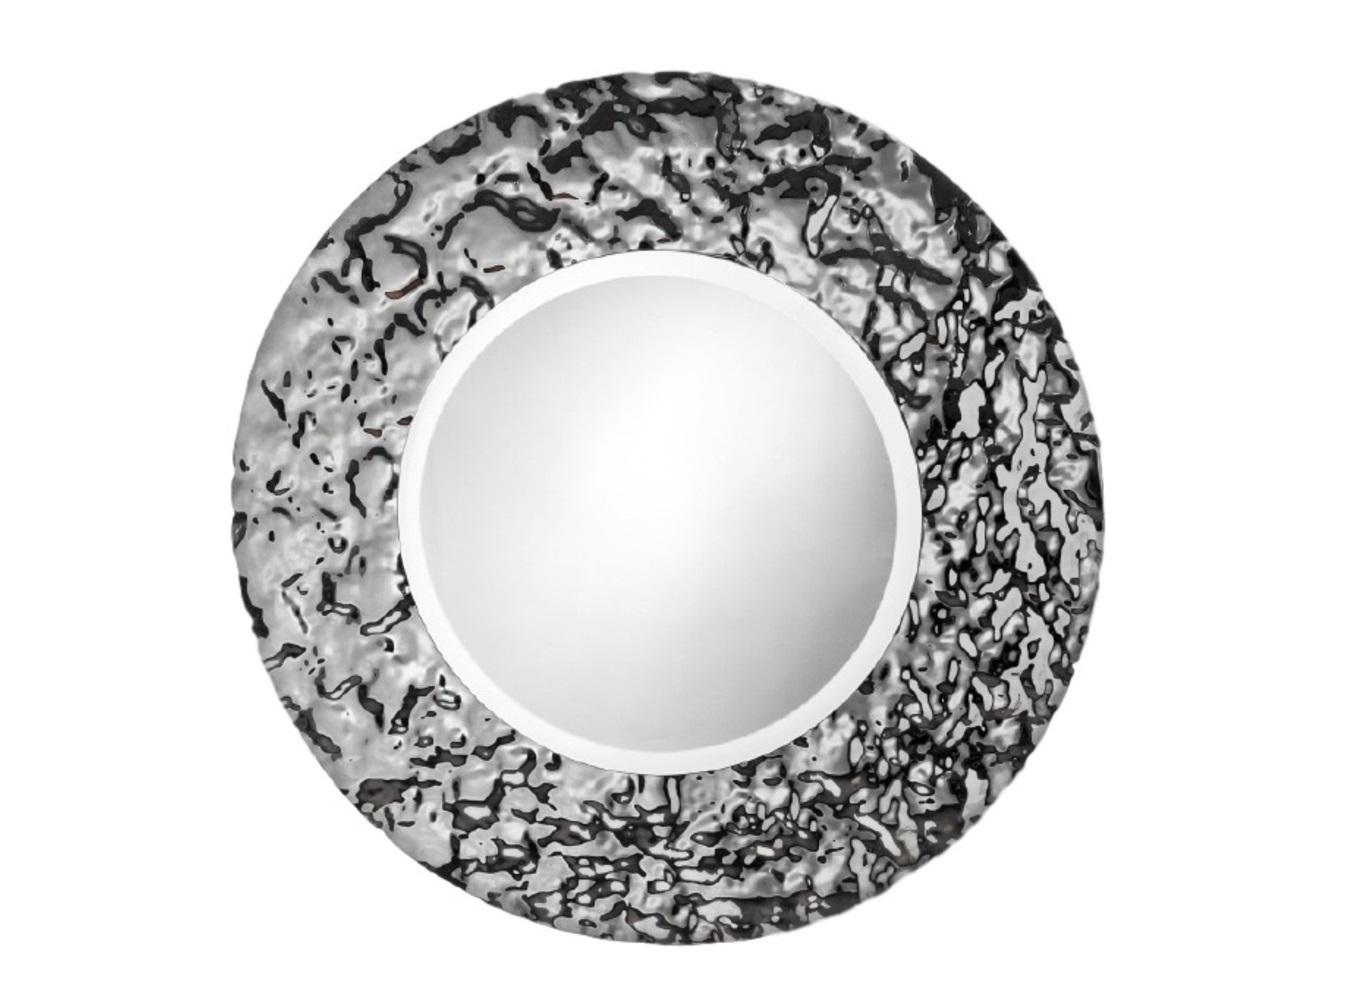 Зеркало Круг VentoНастенные зеркала<br>Зеркало уже не может быть просто зеркалом, если его обрамлением является авторская работа братьев Фомичевых. Такое круглое зеркало в необычной рамке, способно украсить даже самый тусклый интерьер. Это полноценный арт-объект. Внушительные размеры, безупречный блеск стекла — в таком зеркале смотреть на свое отражение сплошное удовольствие.    Обрамление зеркала имитирует поверхность воды на ветру, застывшую на долю секунды .  Зеркало в собранном виде и в комплекте есть крепления.<br><br>Material: Стекло<br>Depth см: 5<br>Height см: None<br>Diameter см: 99